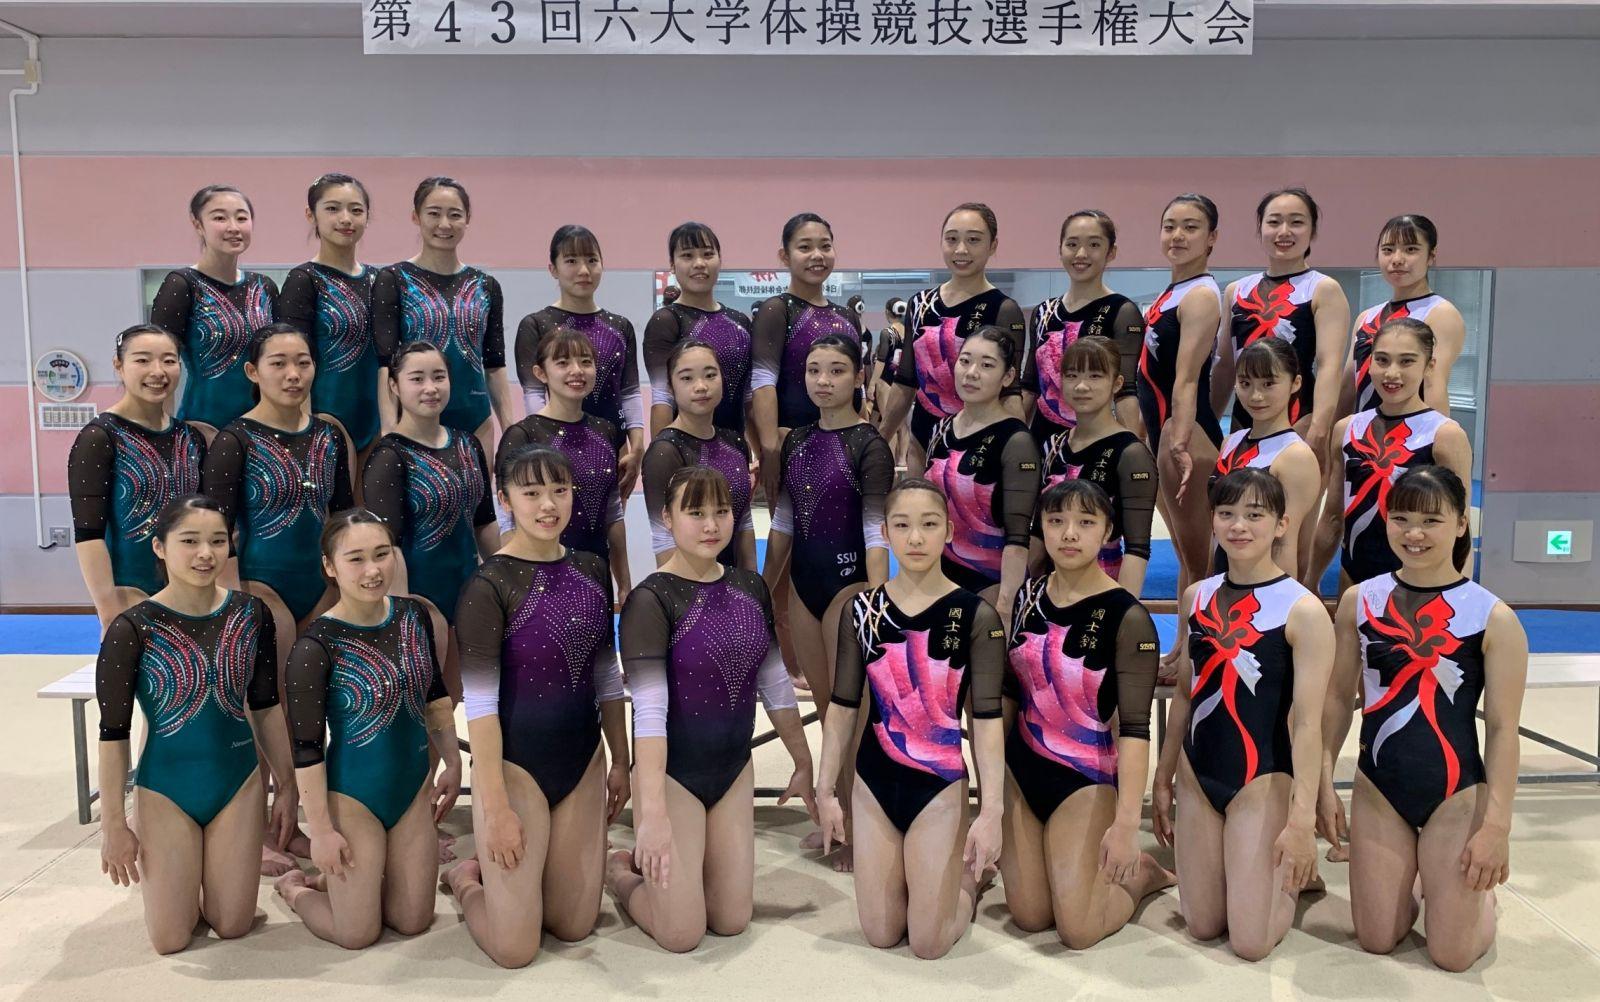 体操女子、六大学選手権を開催/本学は2位 | 仙台大学